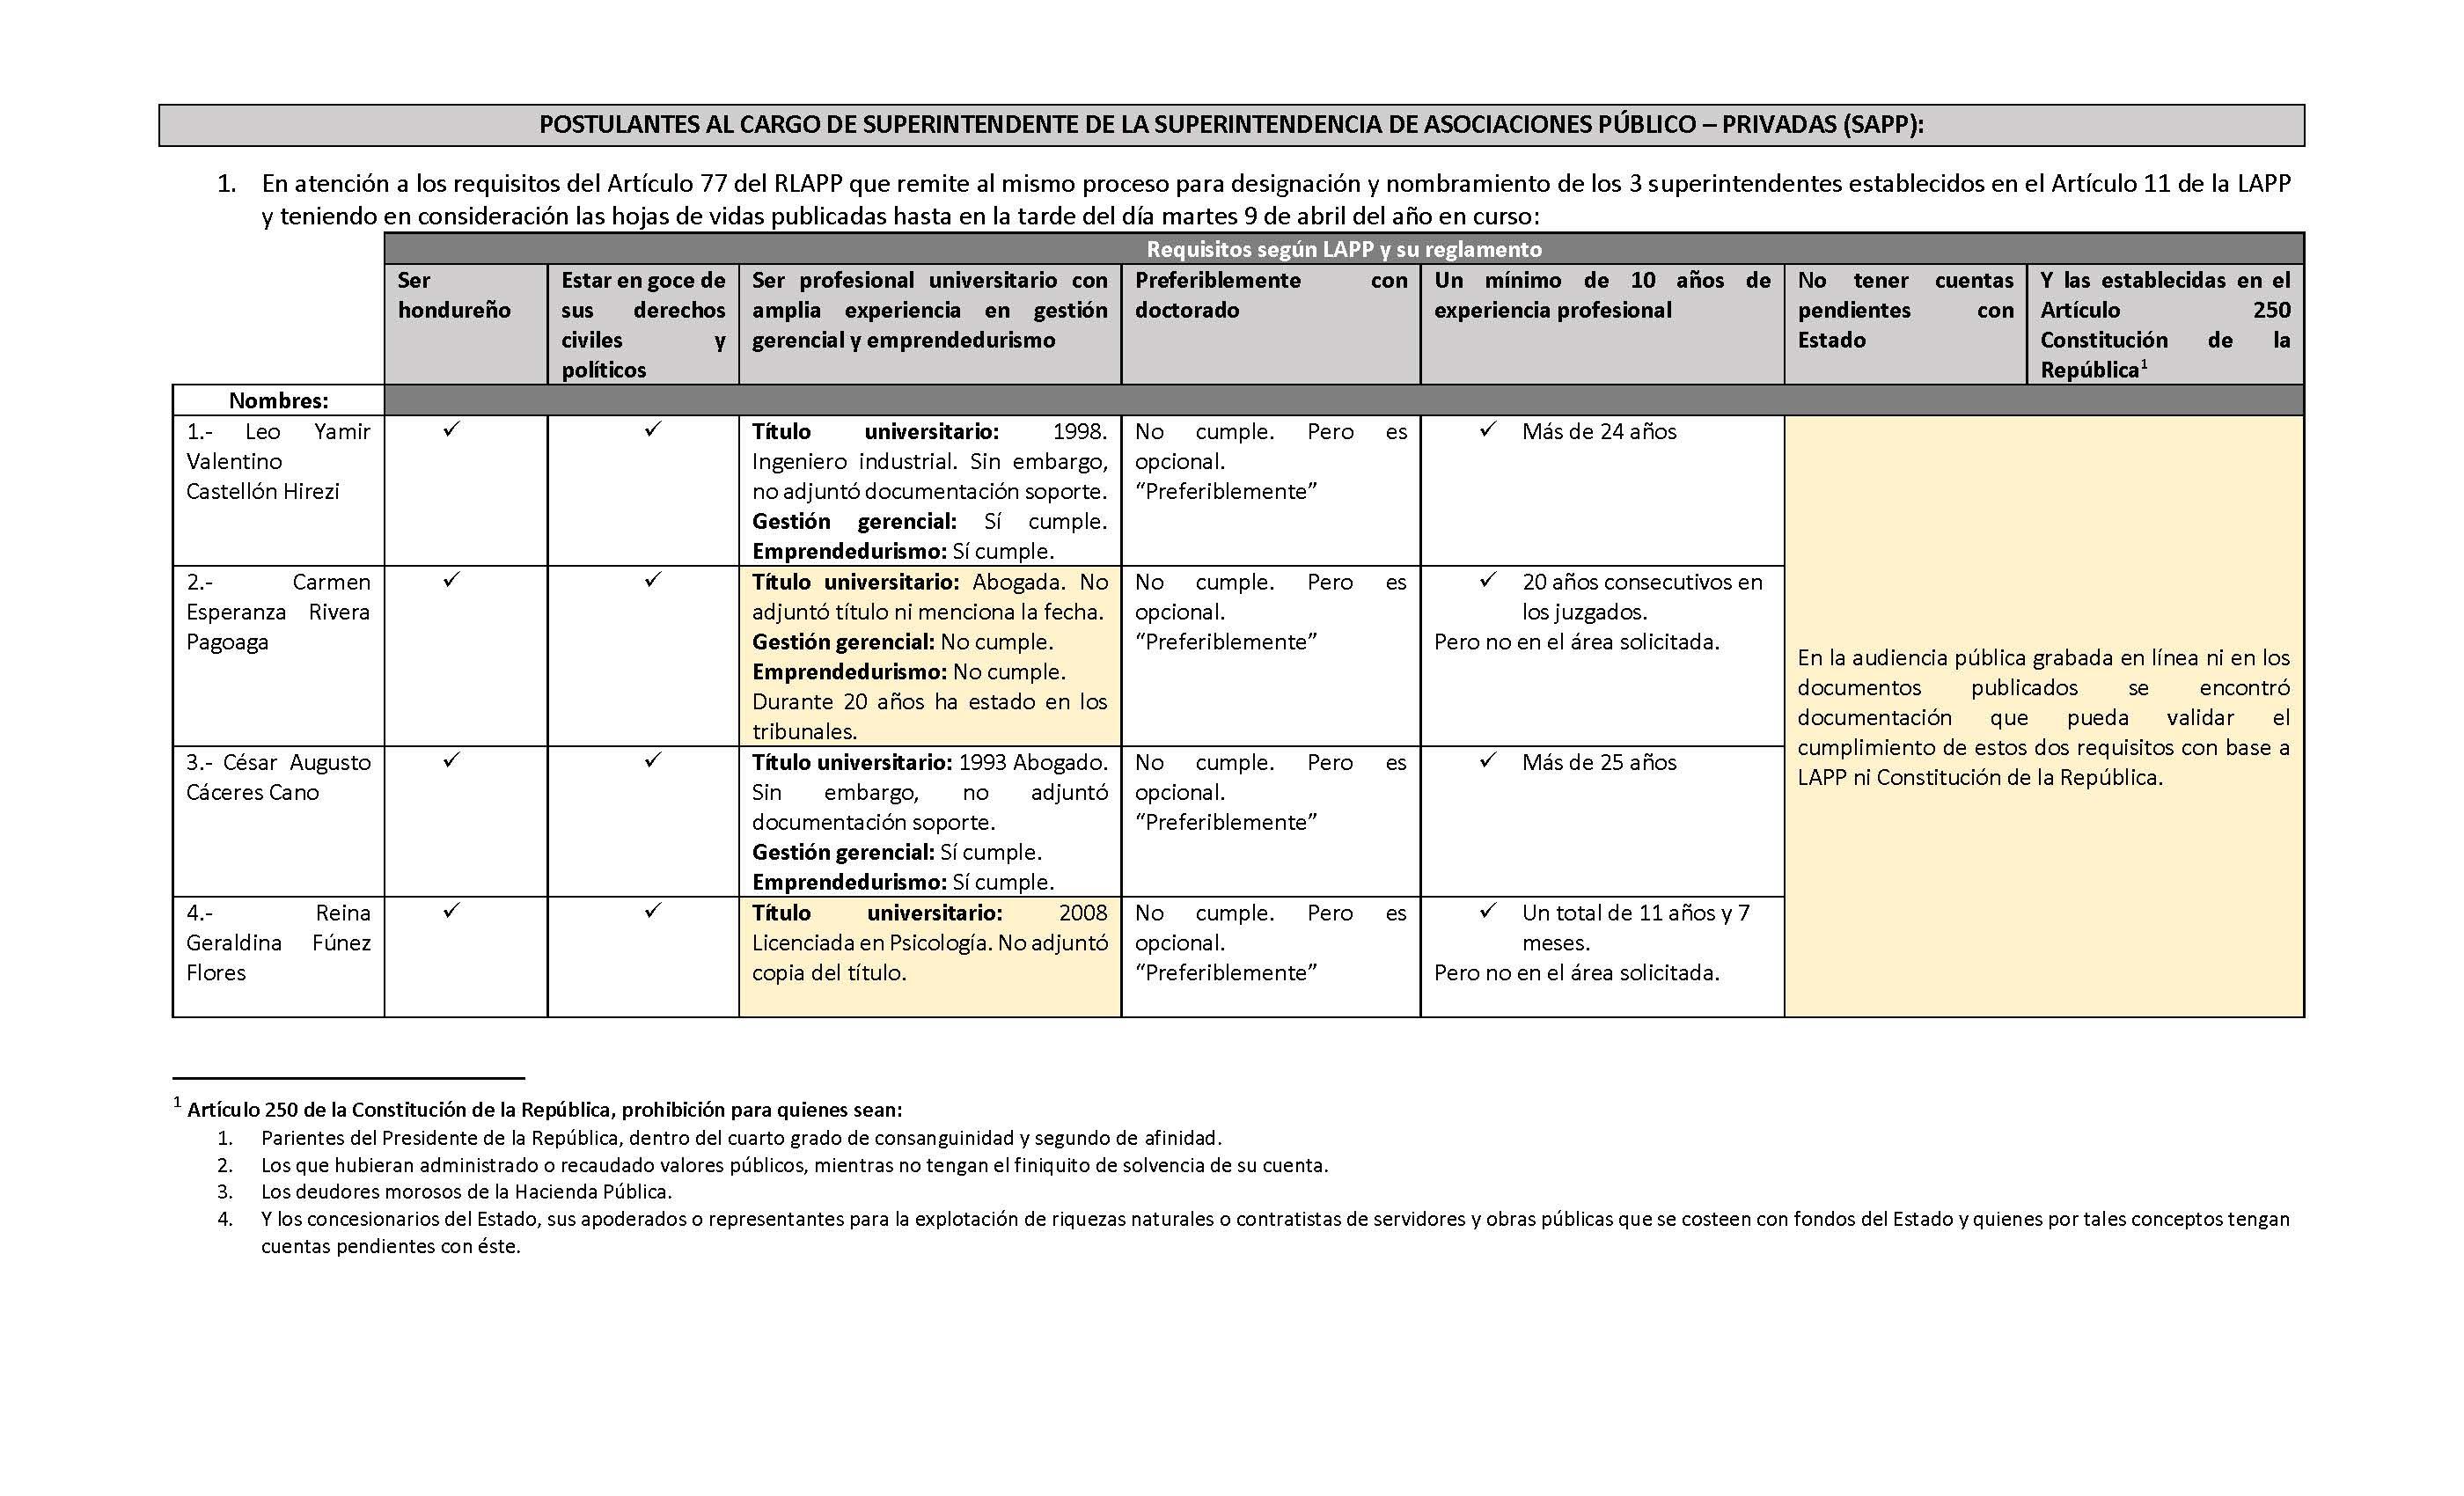 POSTULANTES AL CARGO DE SUPERINTENDENTE DE LA SUPERINTENDENCIA DE ASOCIACIONES PÚBLICO PRIVADAS (SAPP)_Página_1